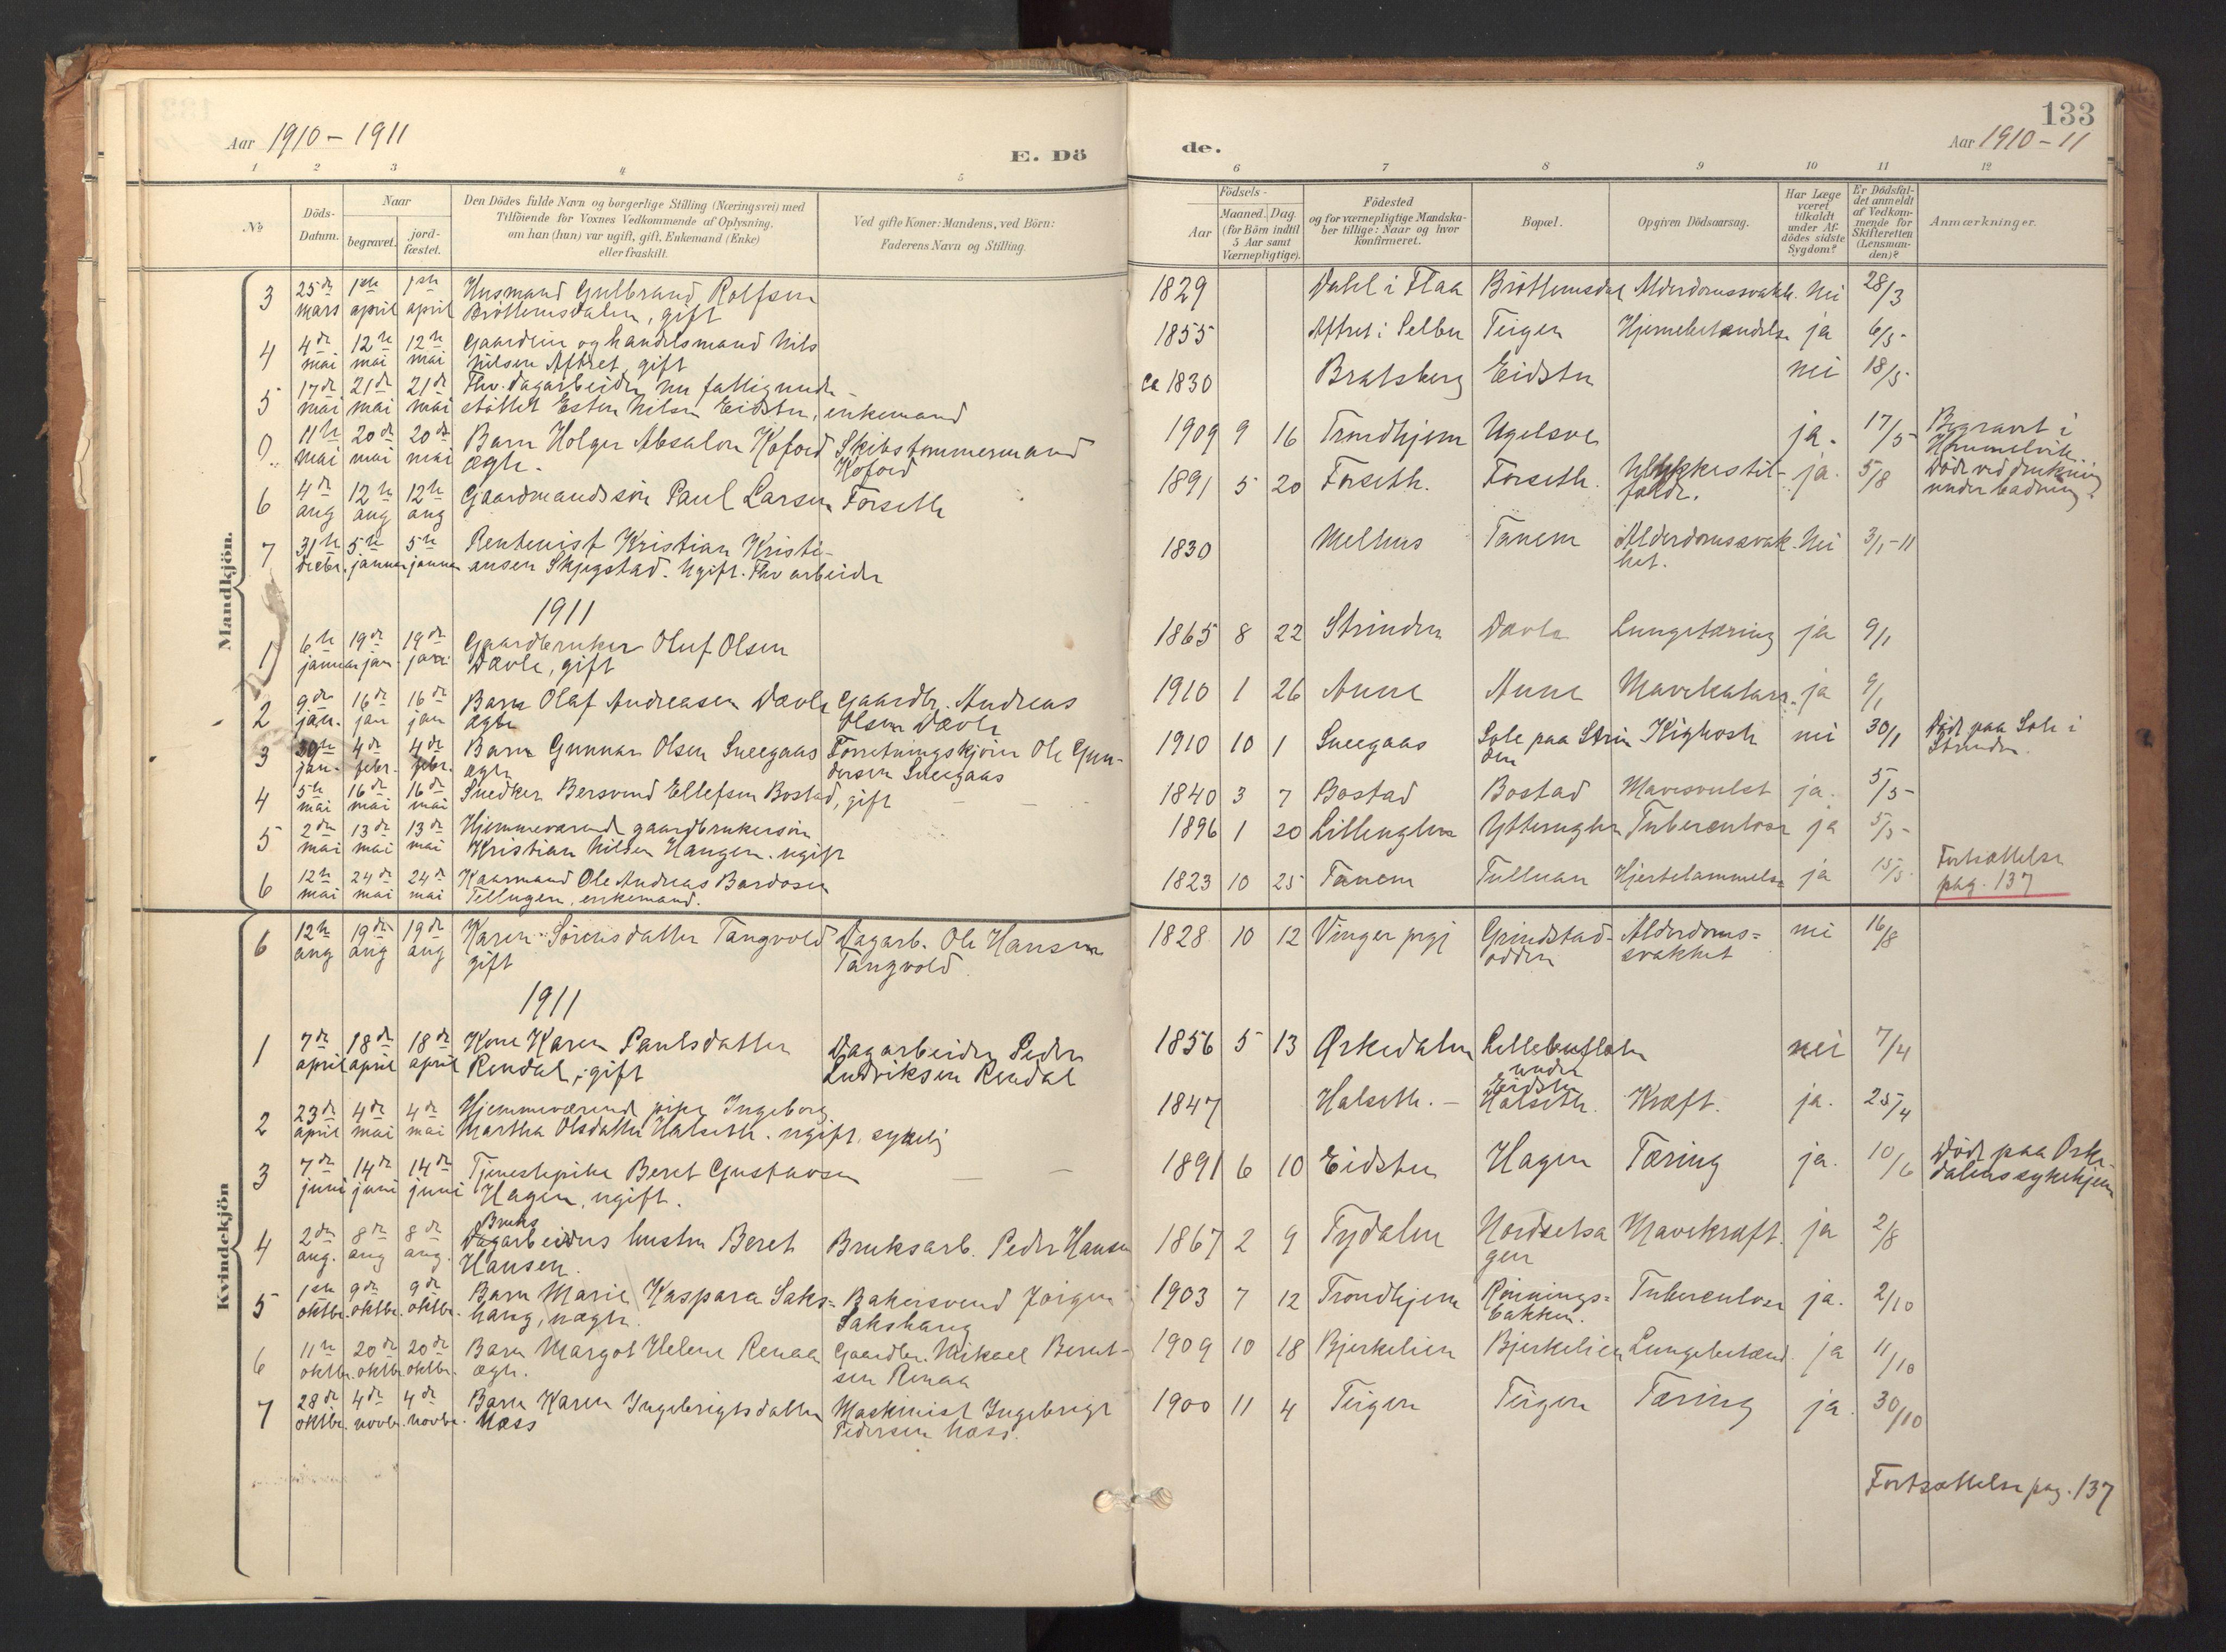 SAT, Ministerialprotokoller, klokkerbøker og fødselsregistre - Sør-Trøndelag, 618/L0448: Ministerialbok nr. 618A11, 1898-1916, s. 133